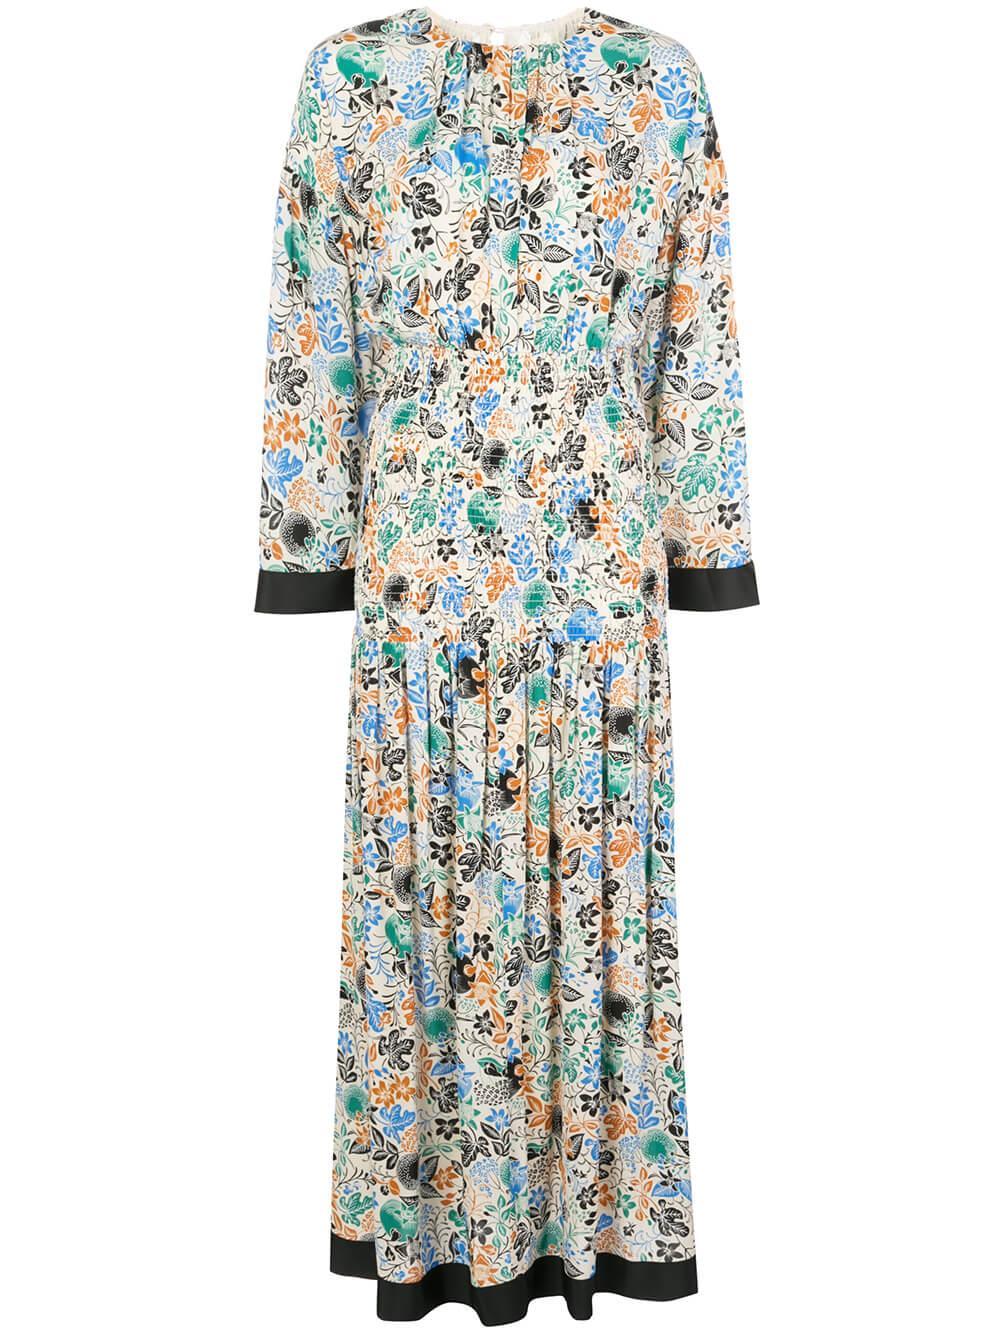 Reham Moroccan Garden Print Dress Item # 2200296